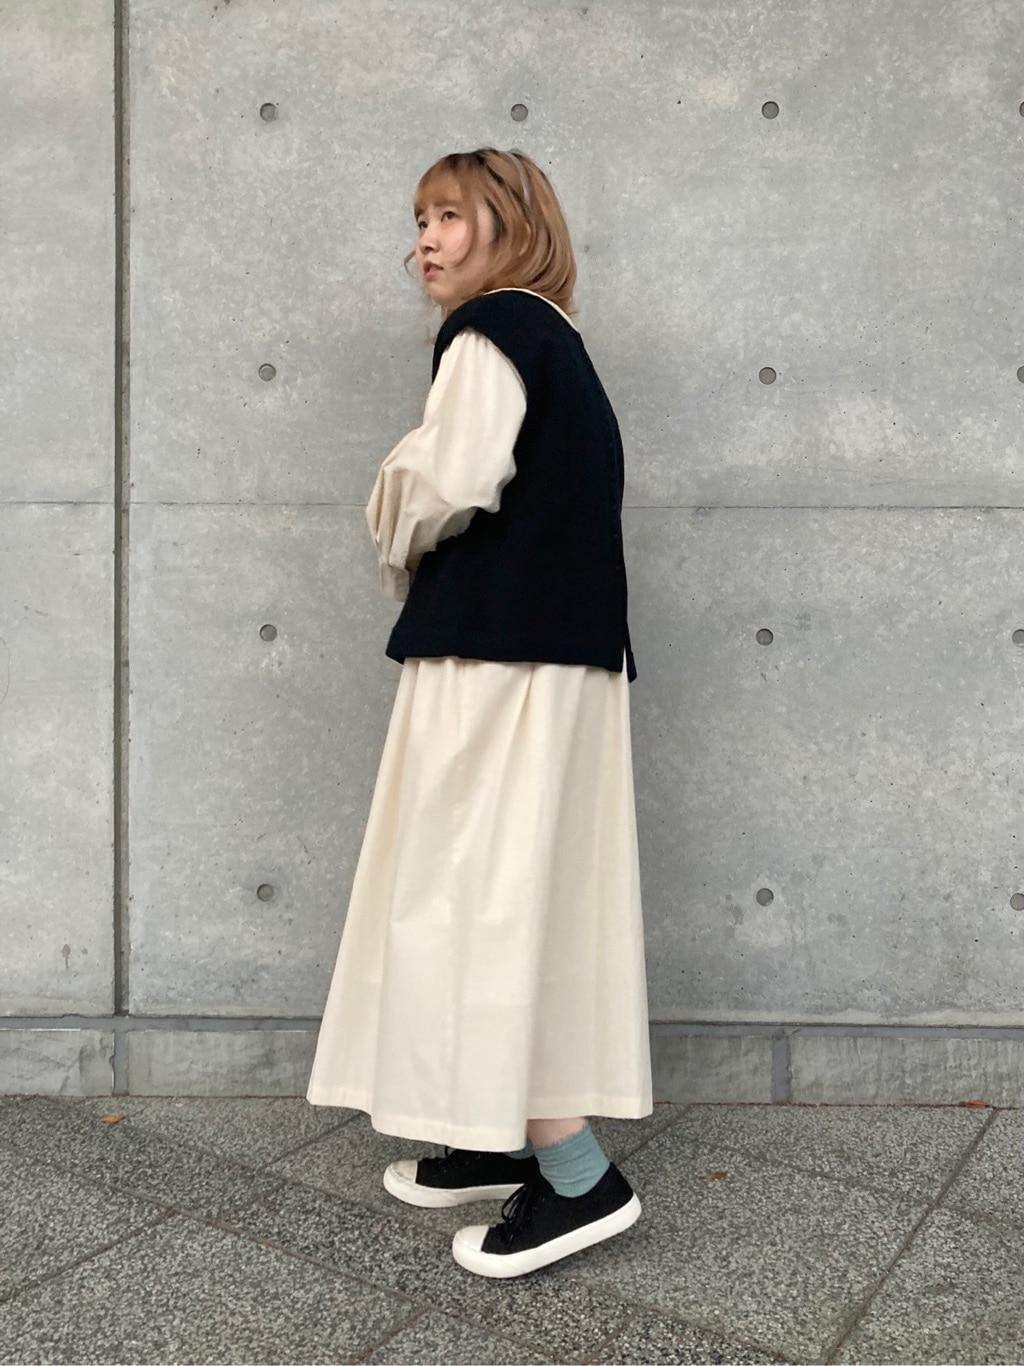 l'atelier du savon 東京スカイツリータウン・ソラマチ 身長:154cm 2021.01.19